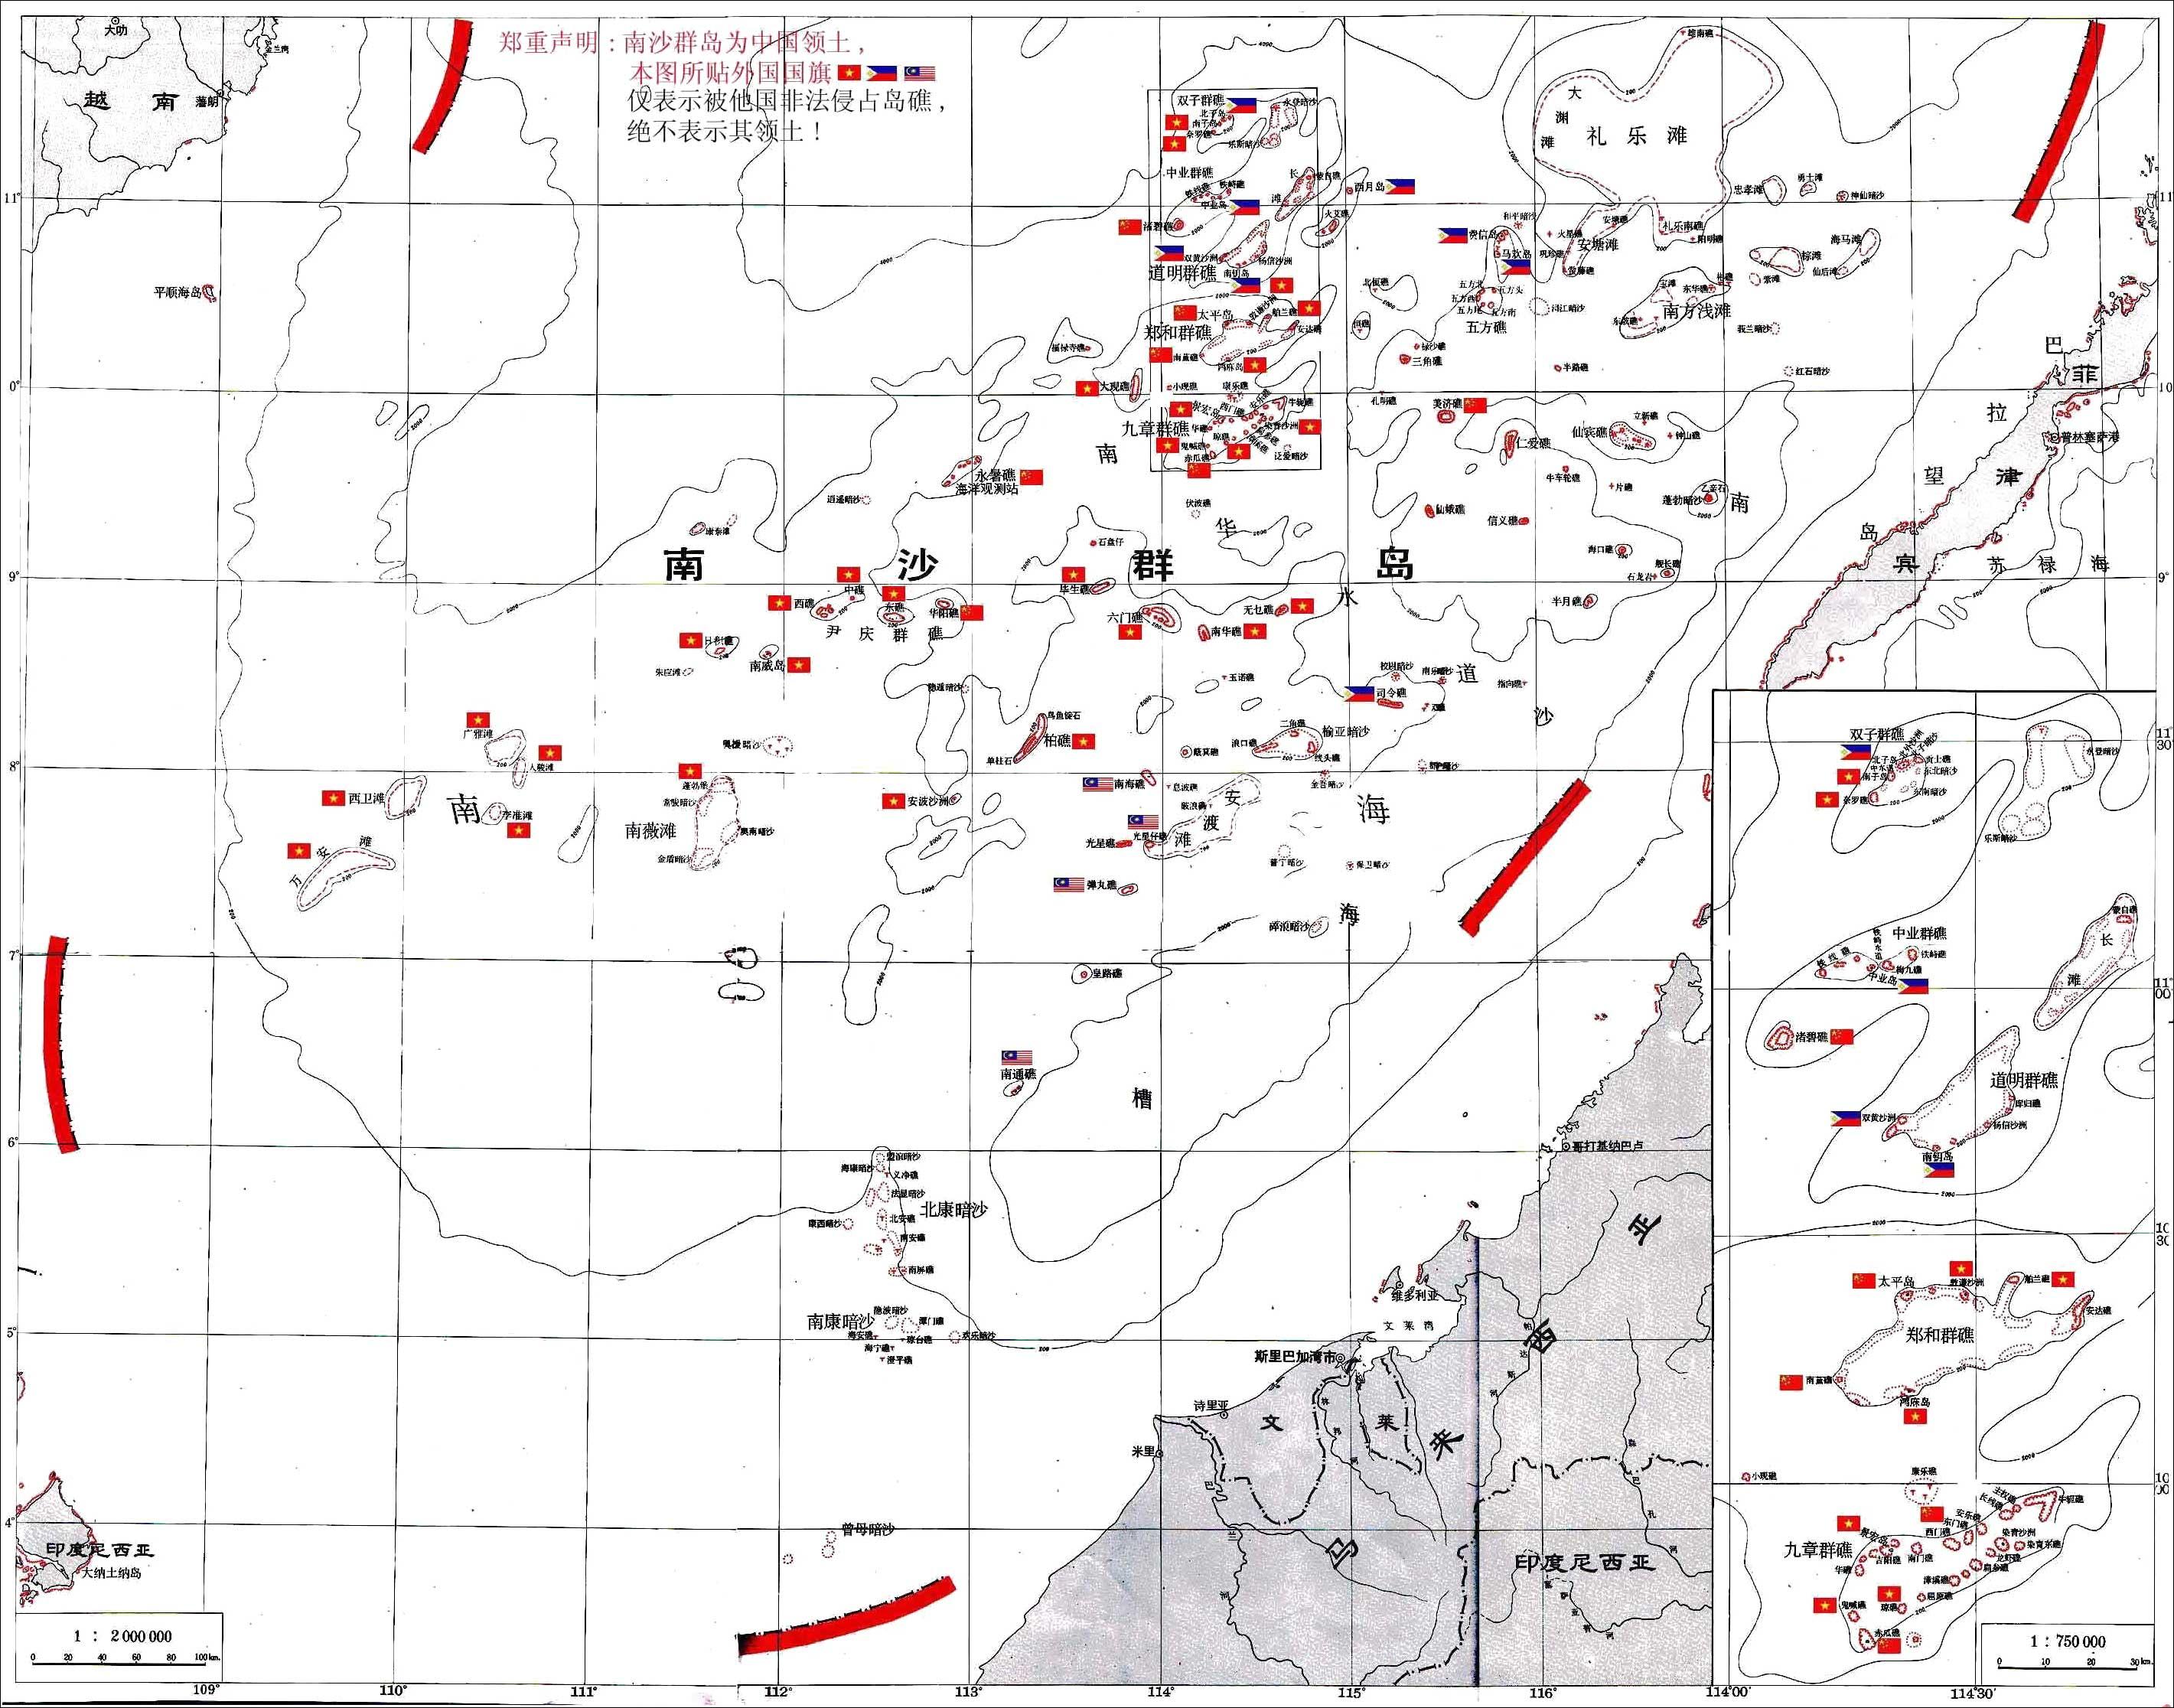 南沙群岛各方实际控制岛礁对照图